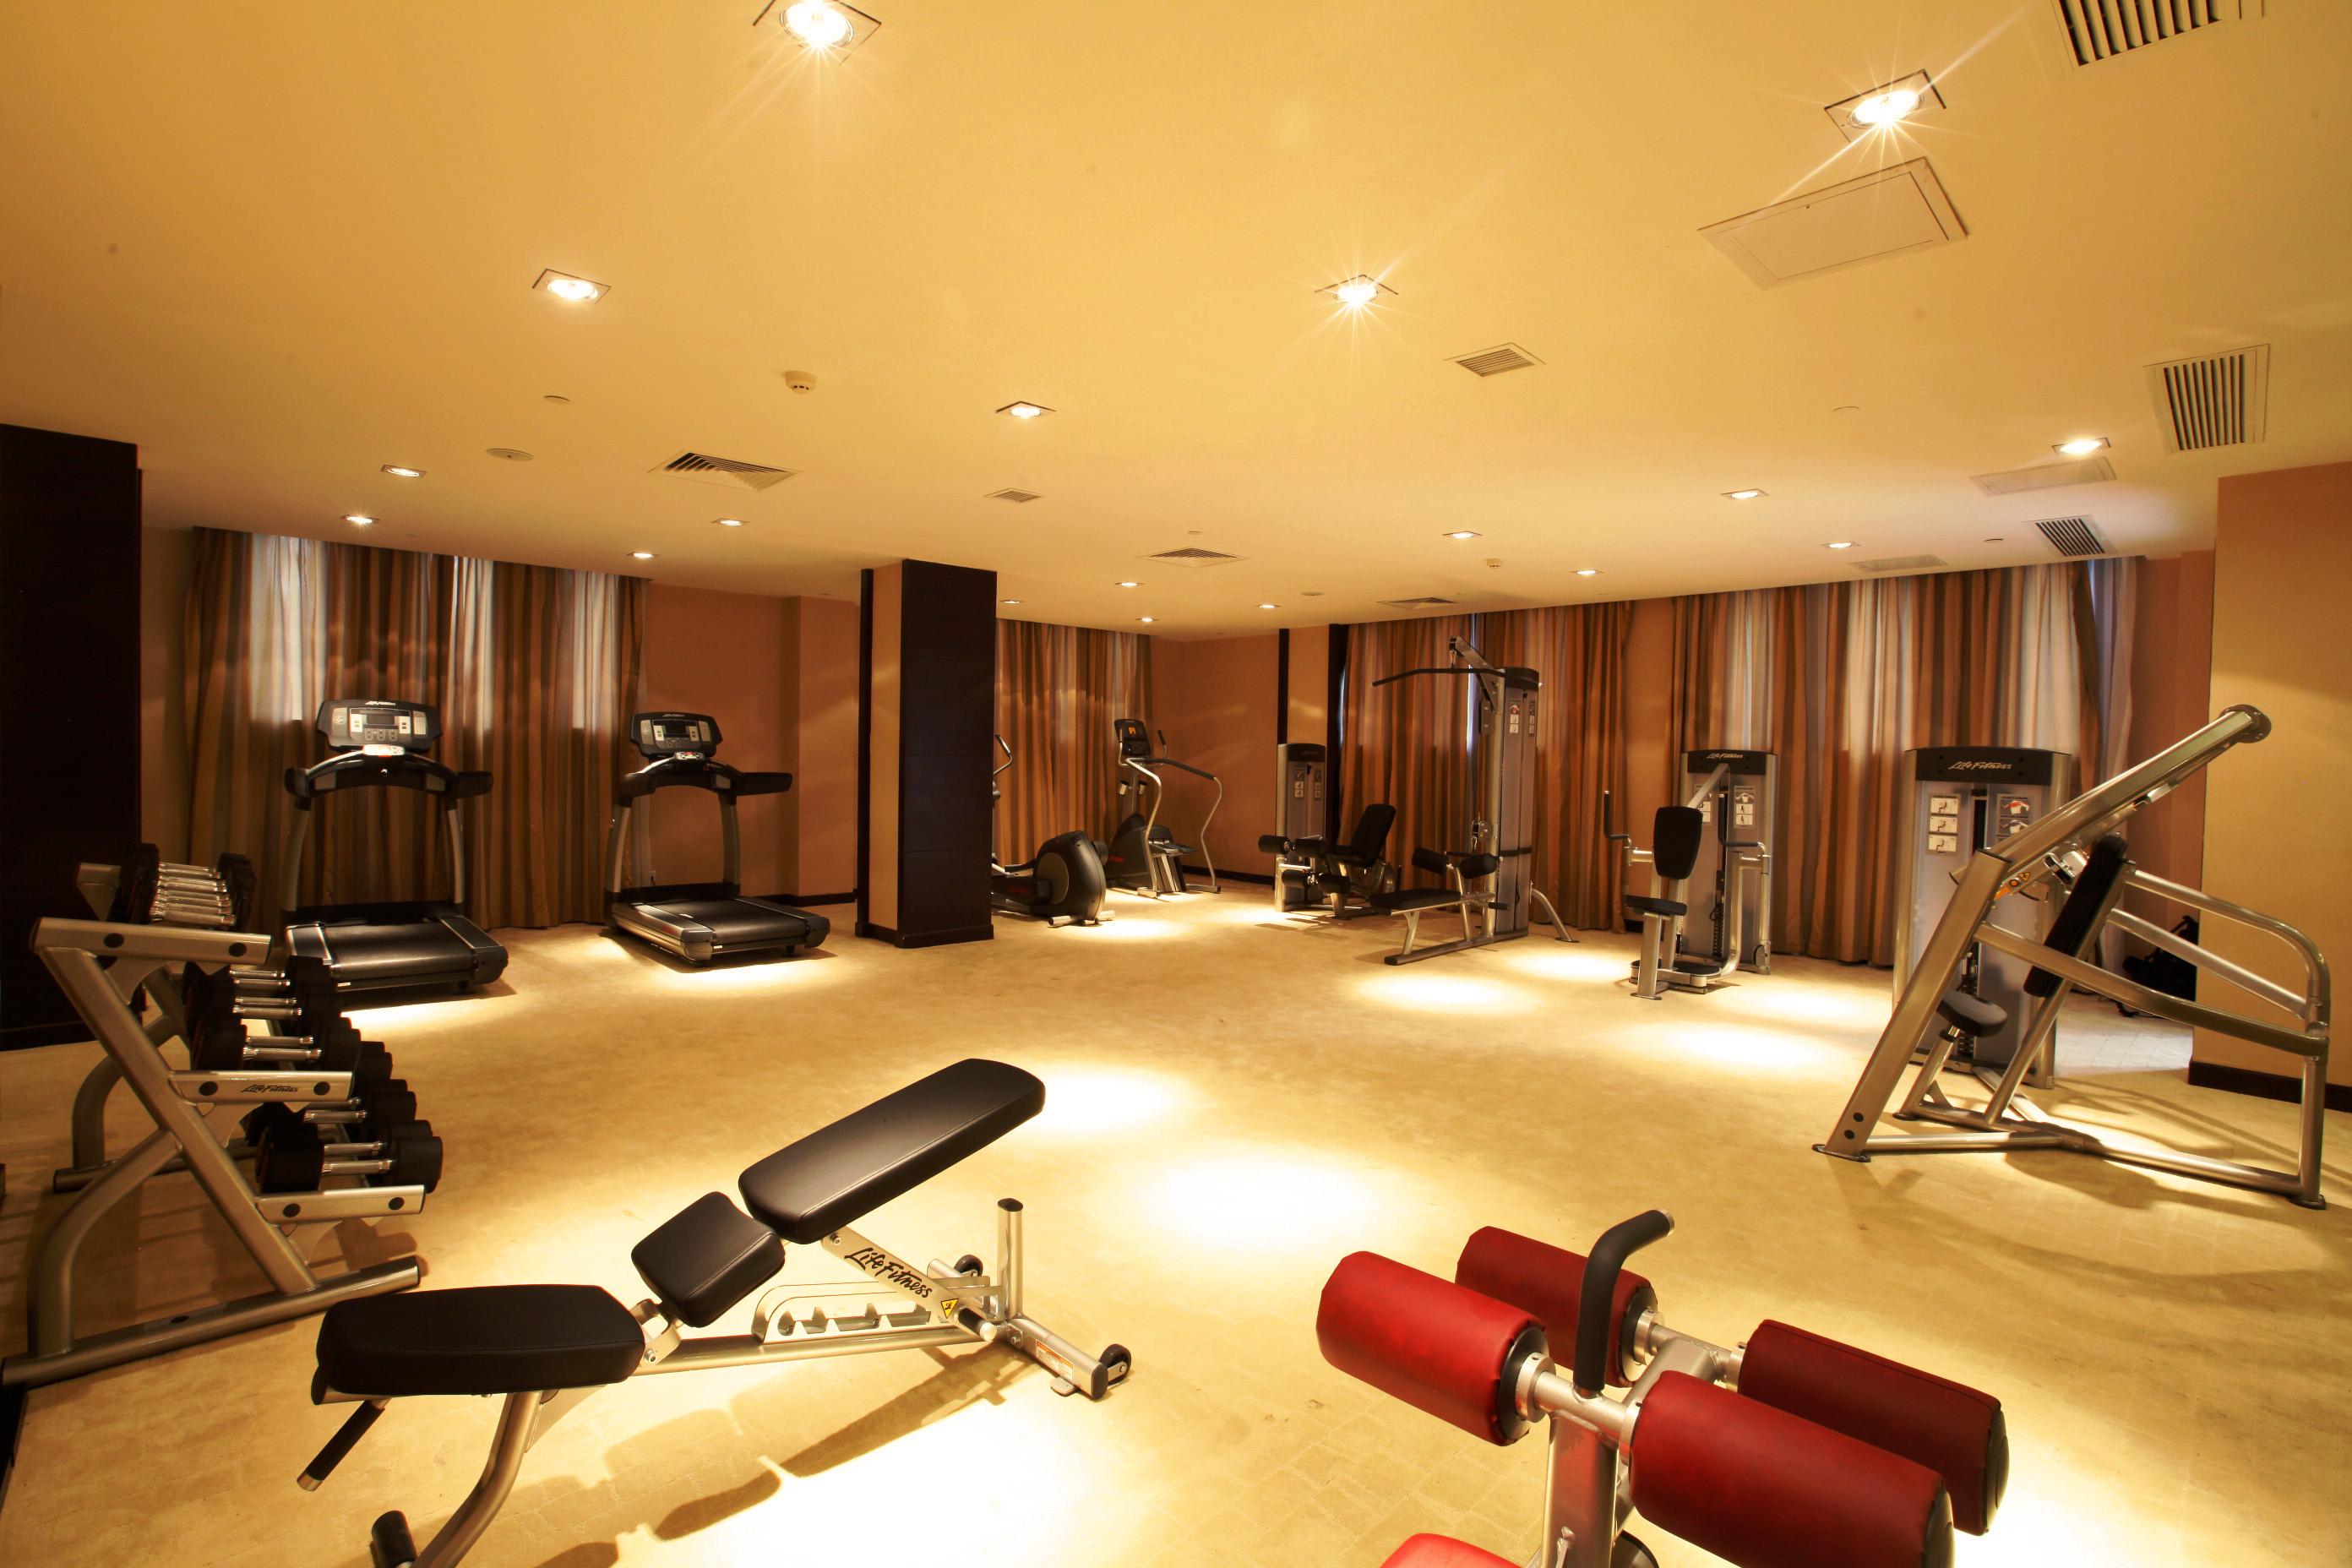 康乐-健身房